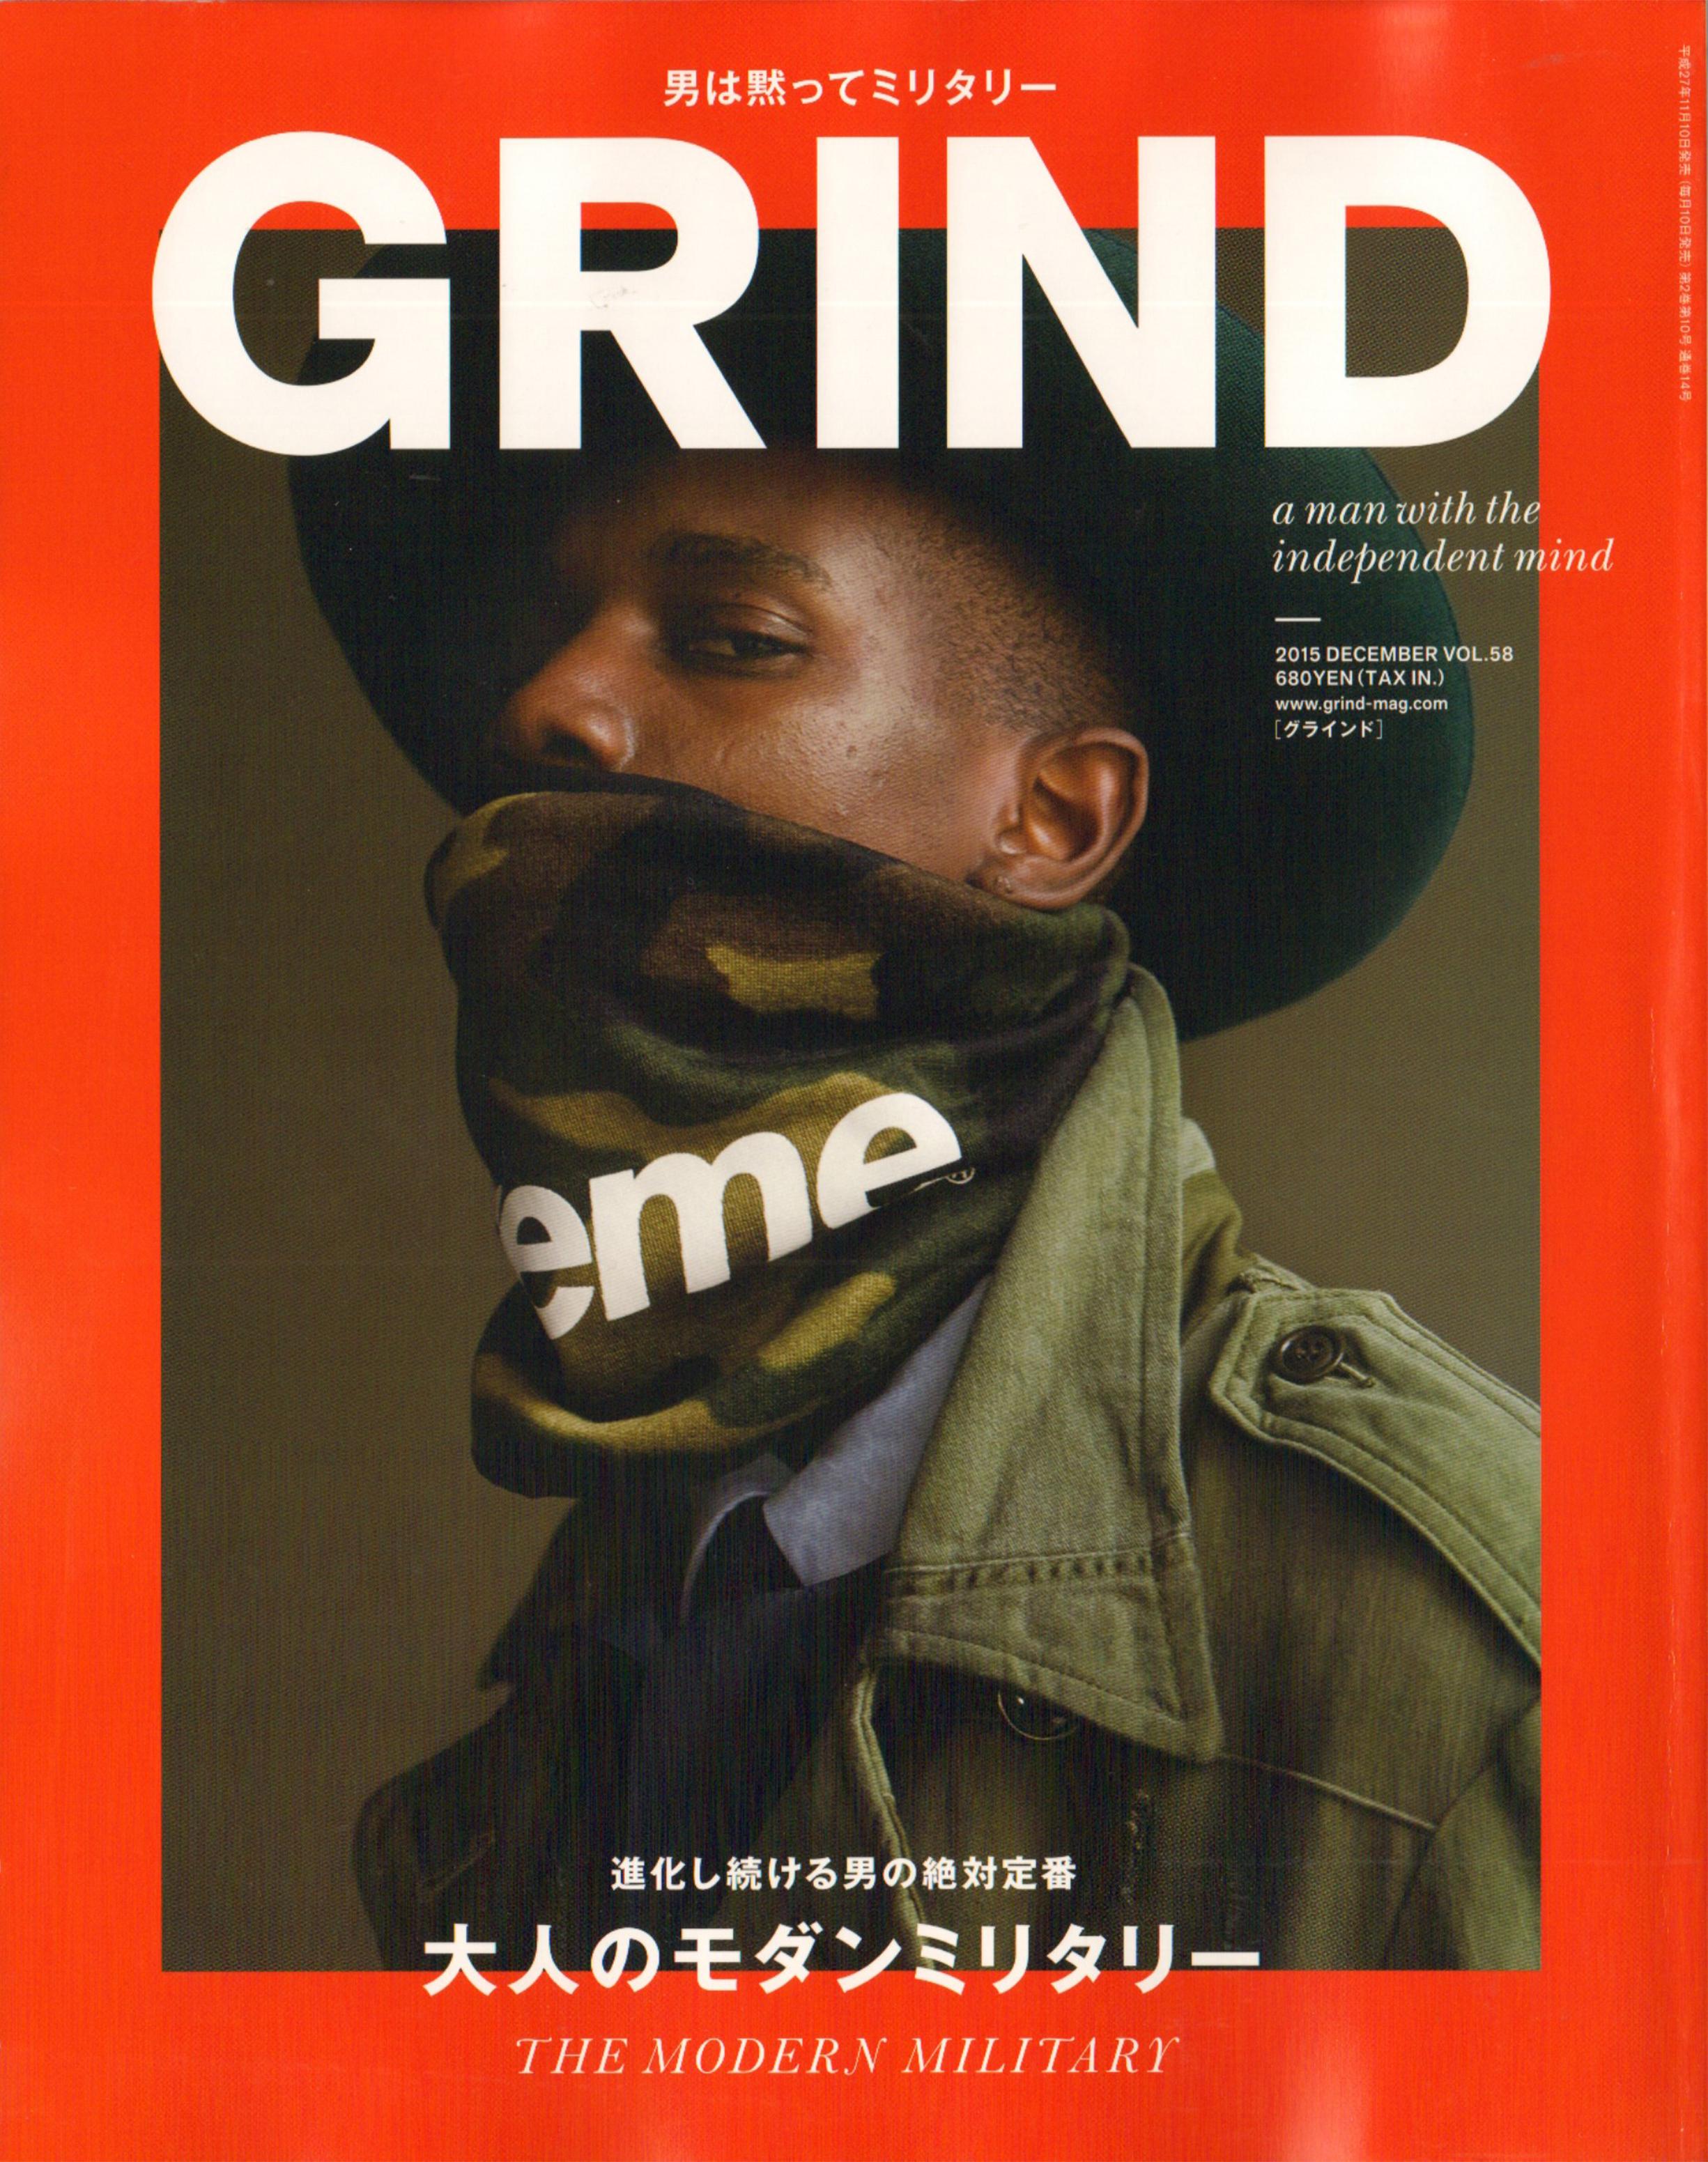 GRIND Vol58 表紙